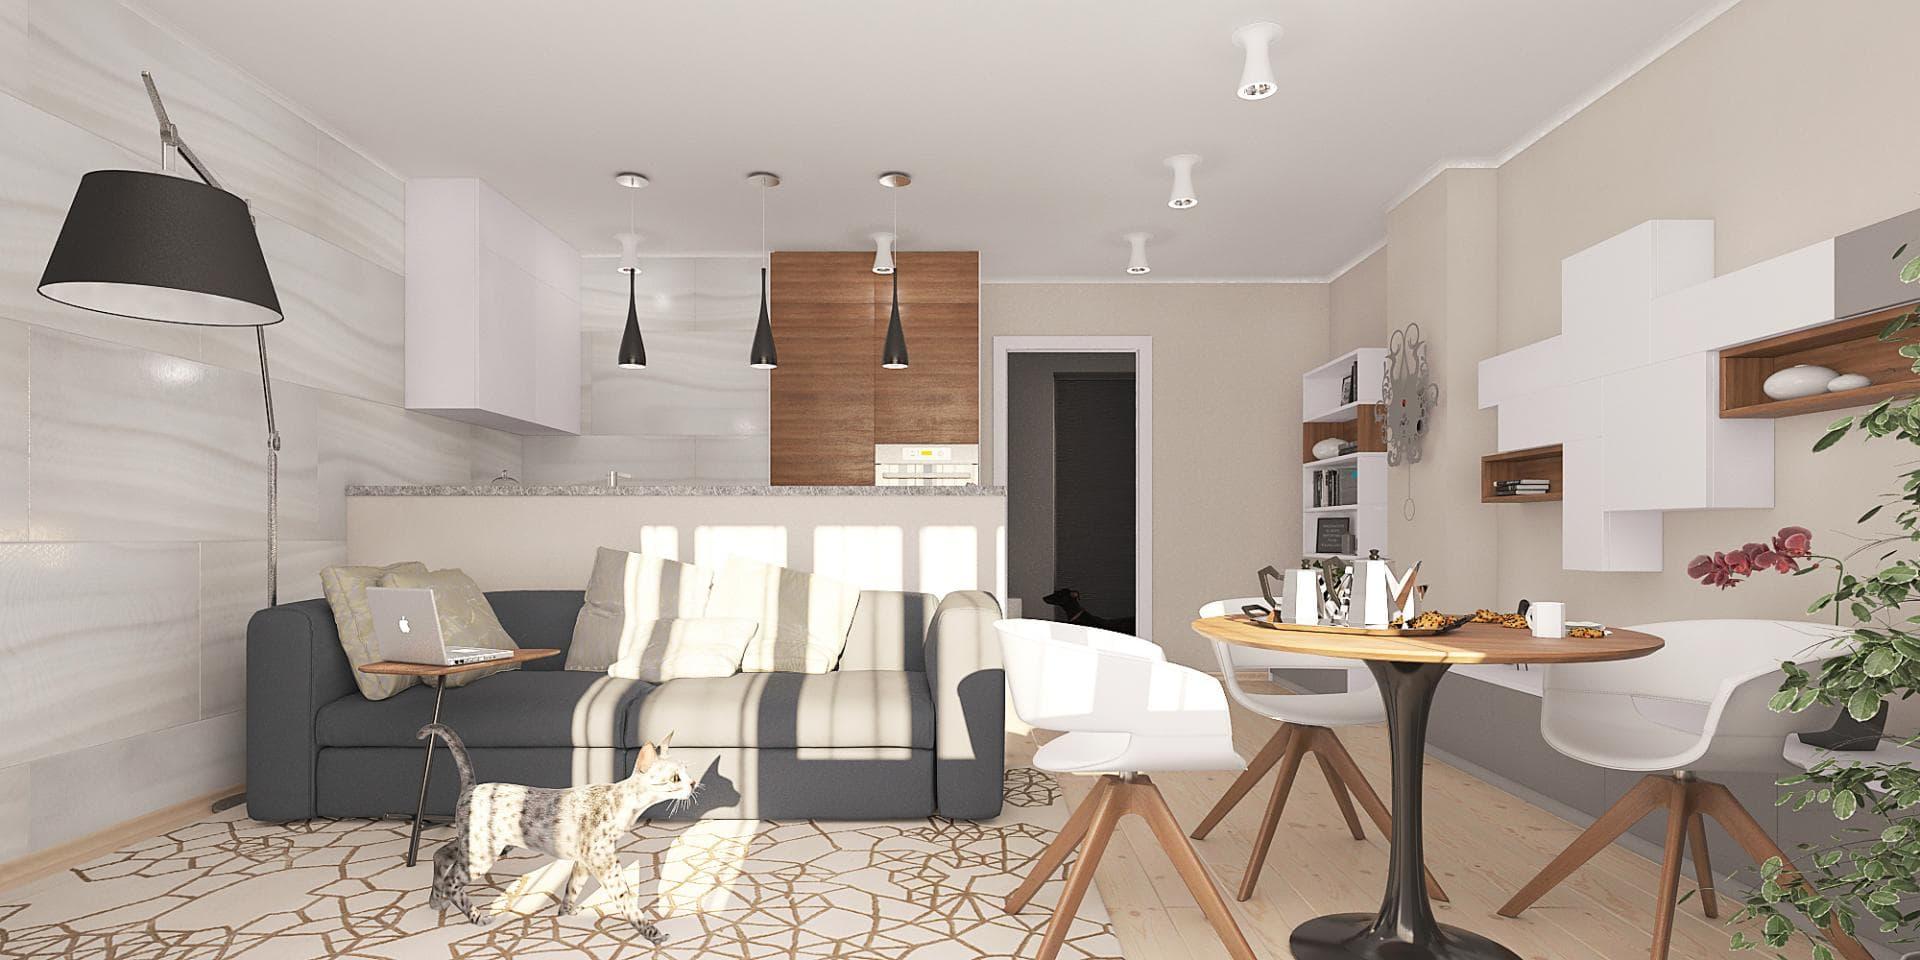 Дизайн-проект интерьера 2-ух комнатной квартиры 60 кв.м.